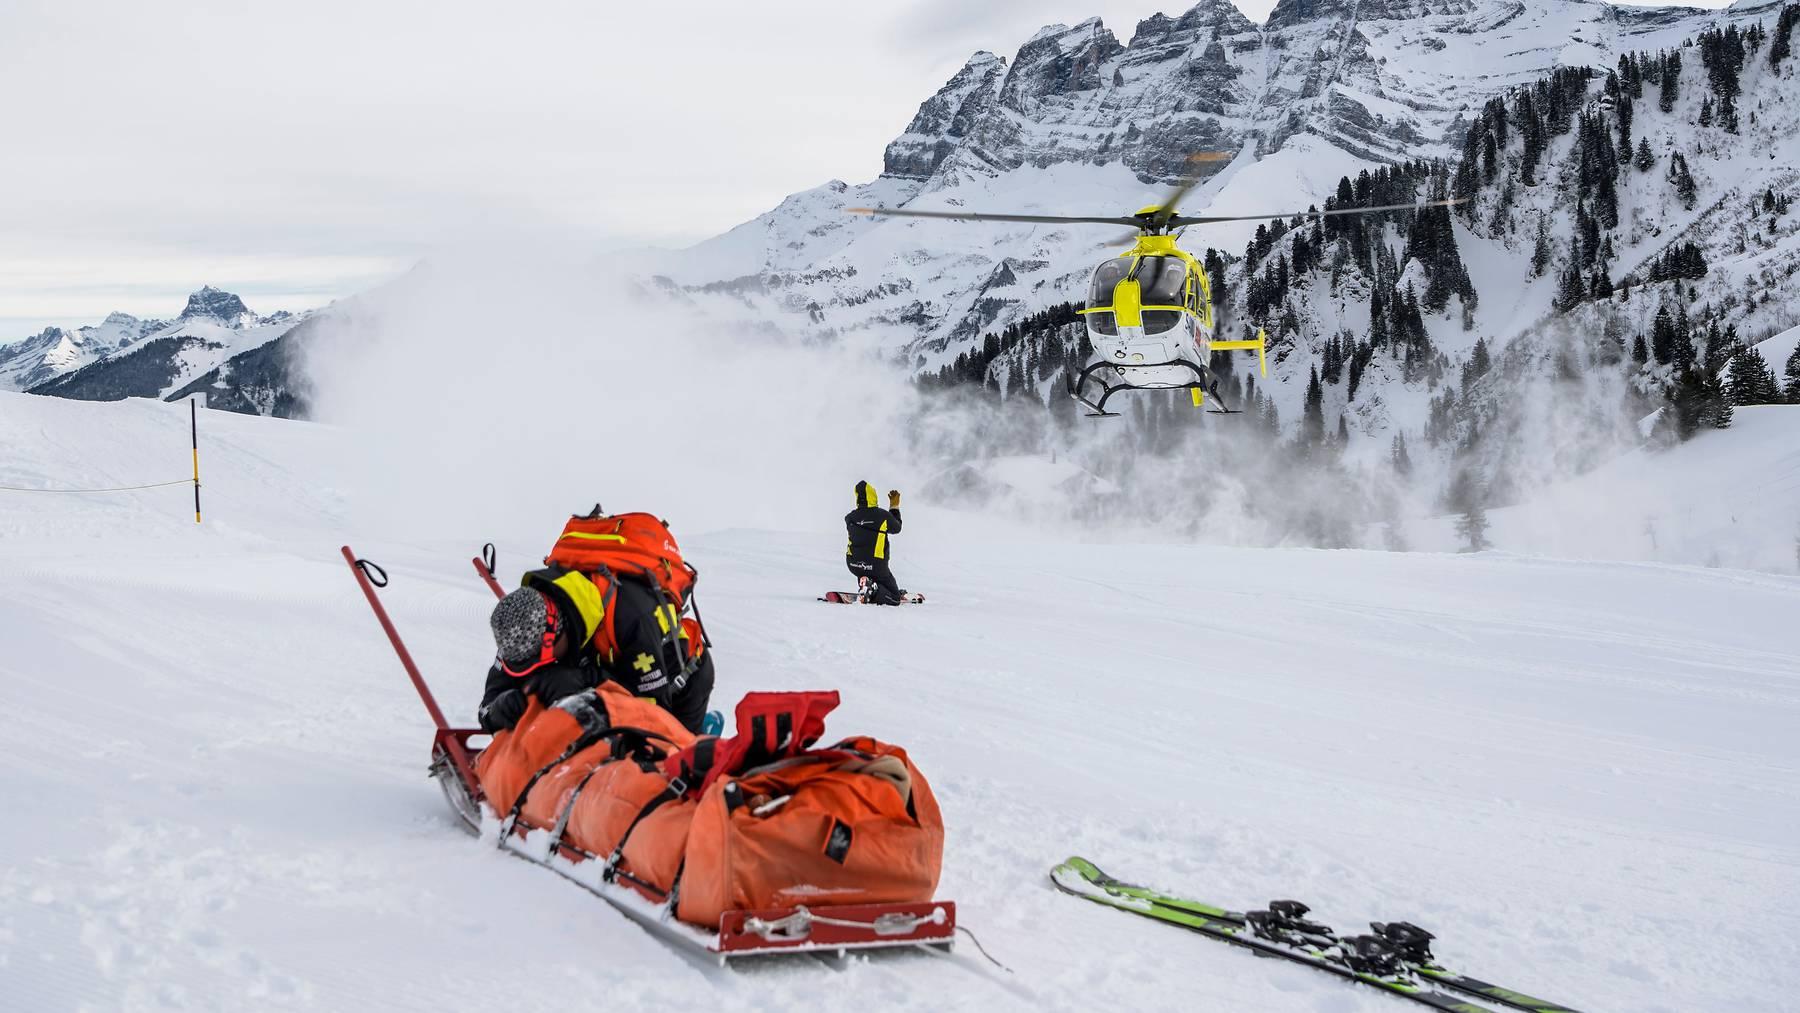 Eine deutliche Zunahme stellte die Suva bei den Skiunfällen fest.